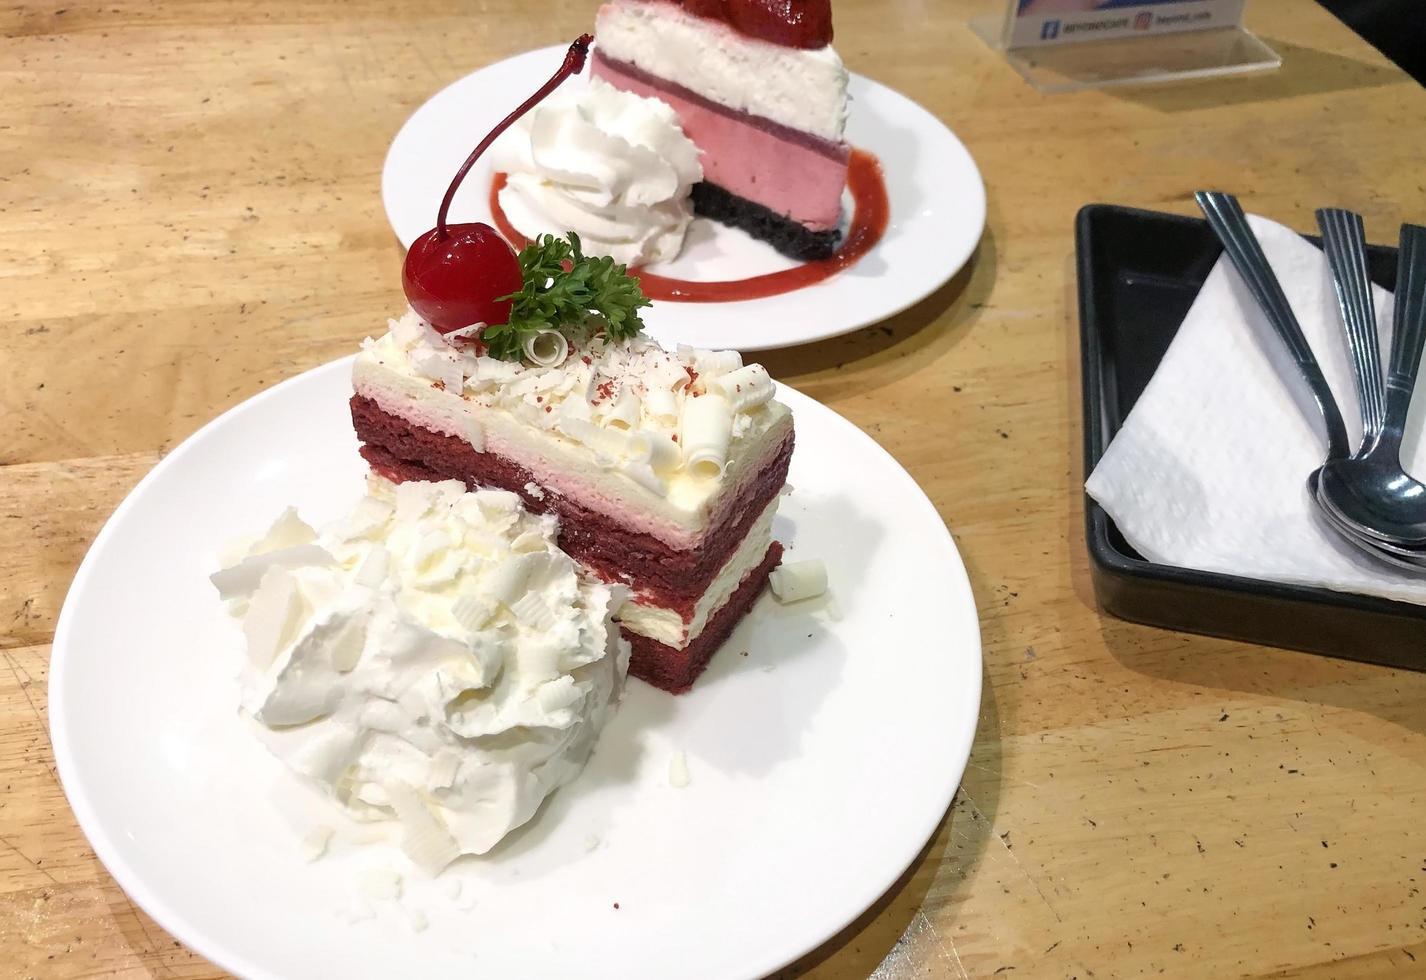 gâteau au fromage rouge velours avec chantilly photo